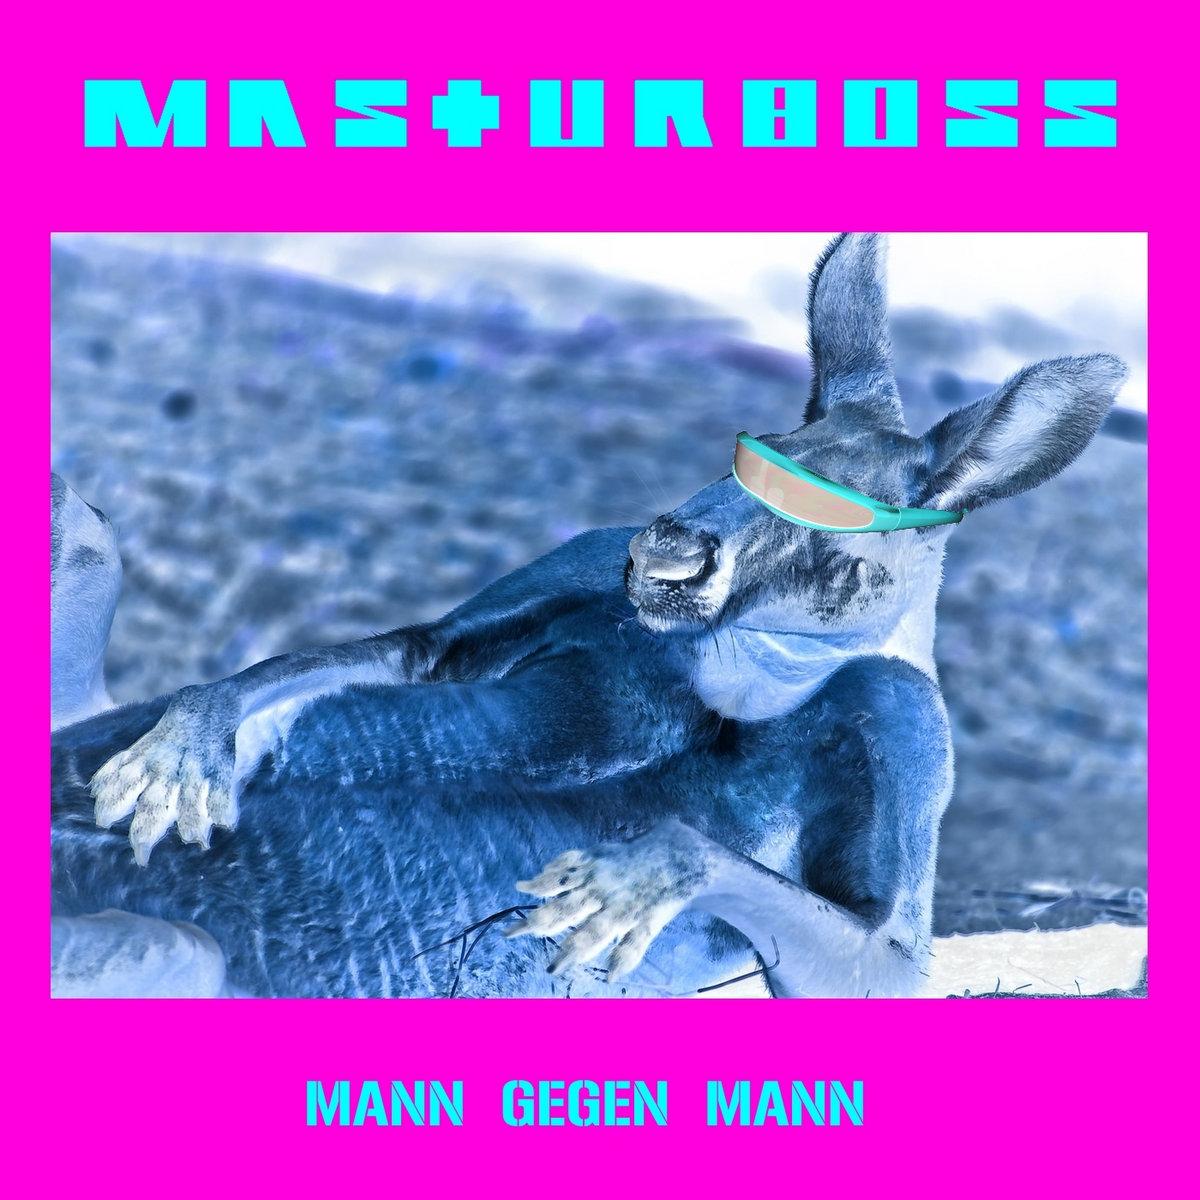 MANN GEGEN MANN (INTL. MAXI ENHANCED)